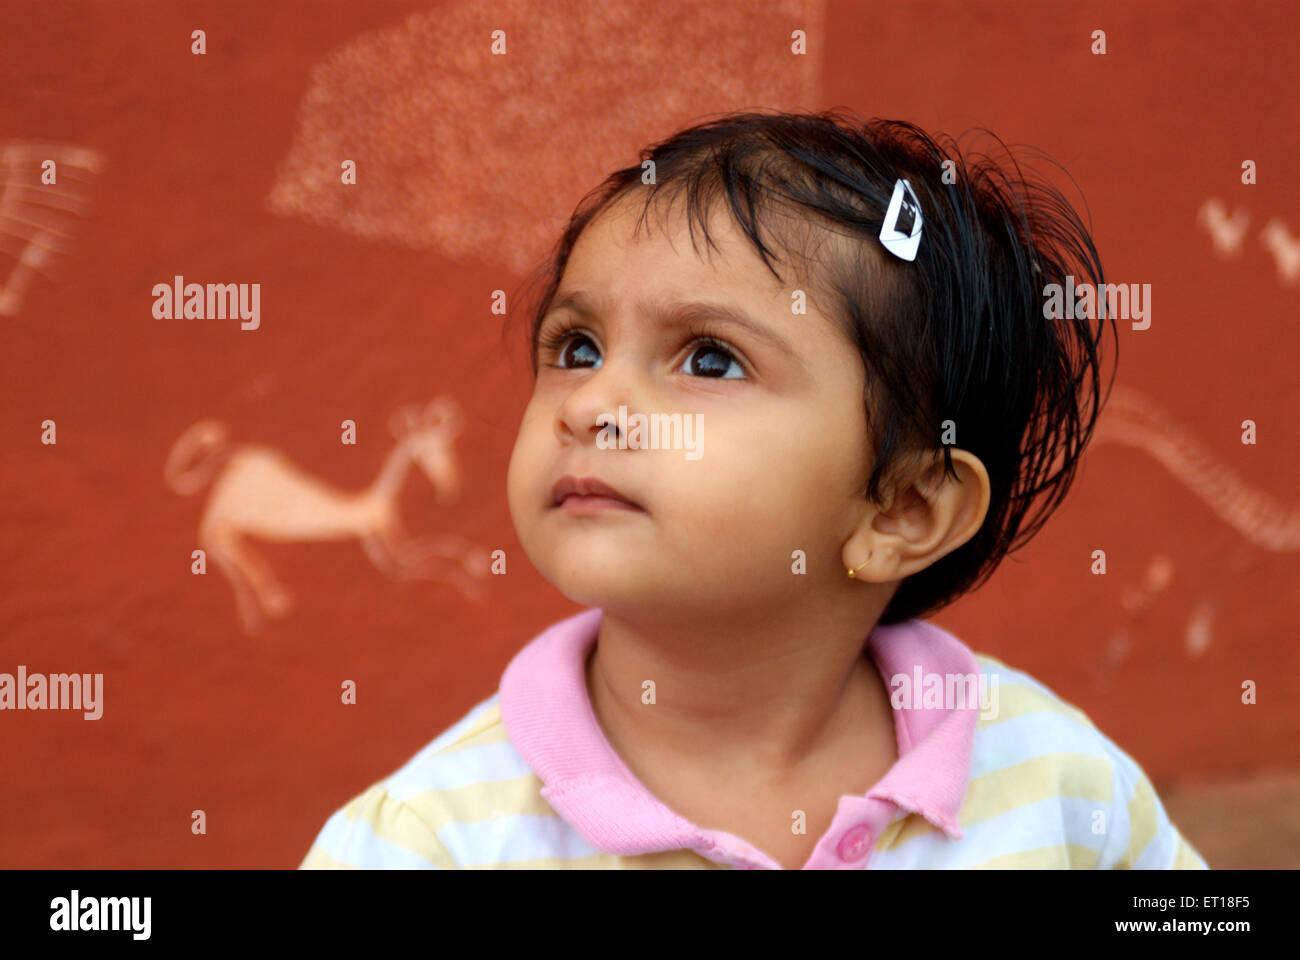 Baby cercando legati i capelli con clip signor#364 Immagini Stock